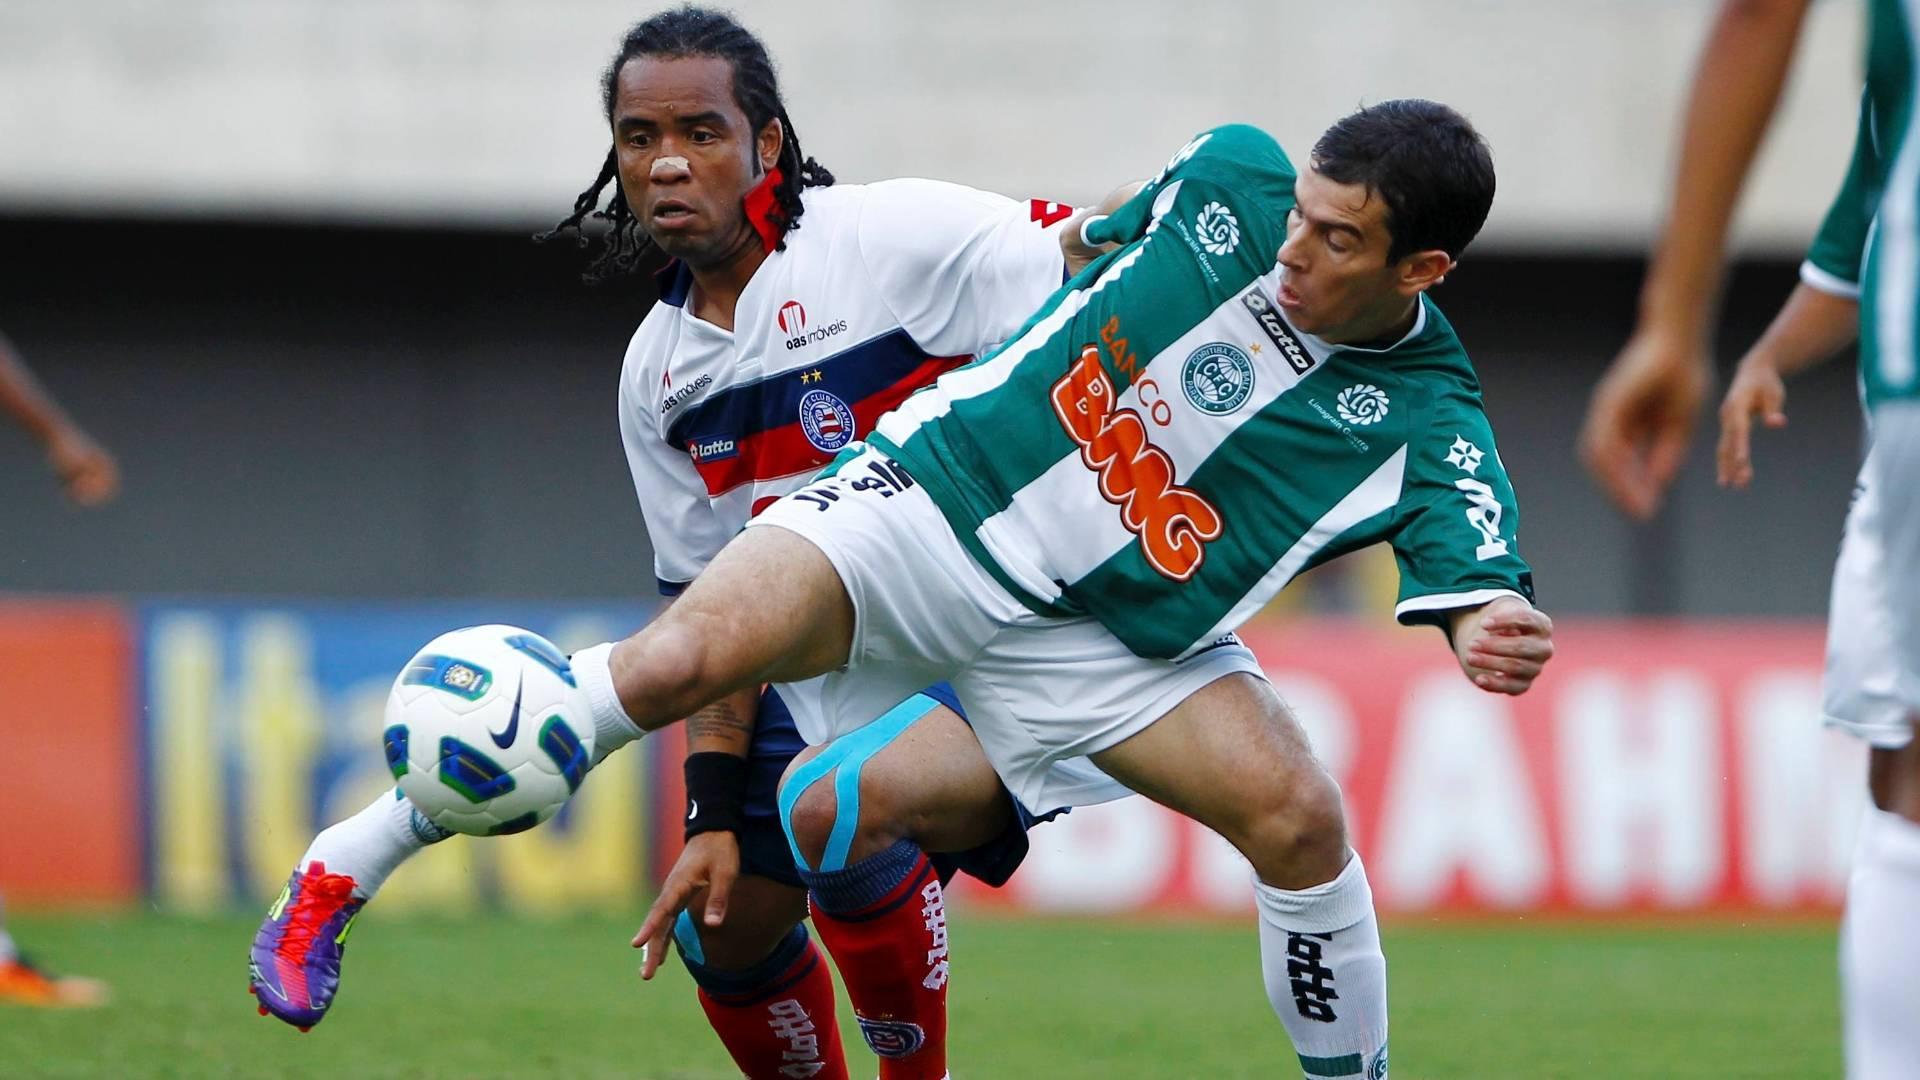 Carlos Alberto disputa a bola na partida entre Bahia e Coritiba, pelo Campeonato Brasileiro